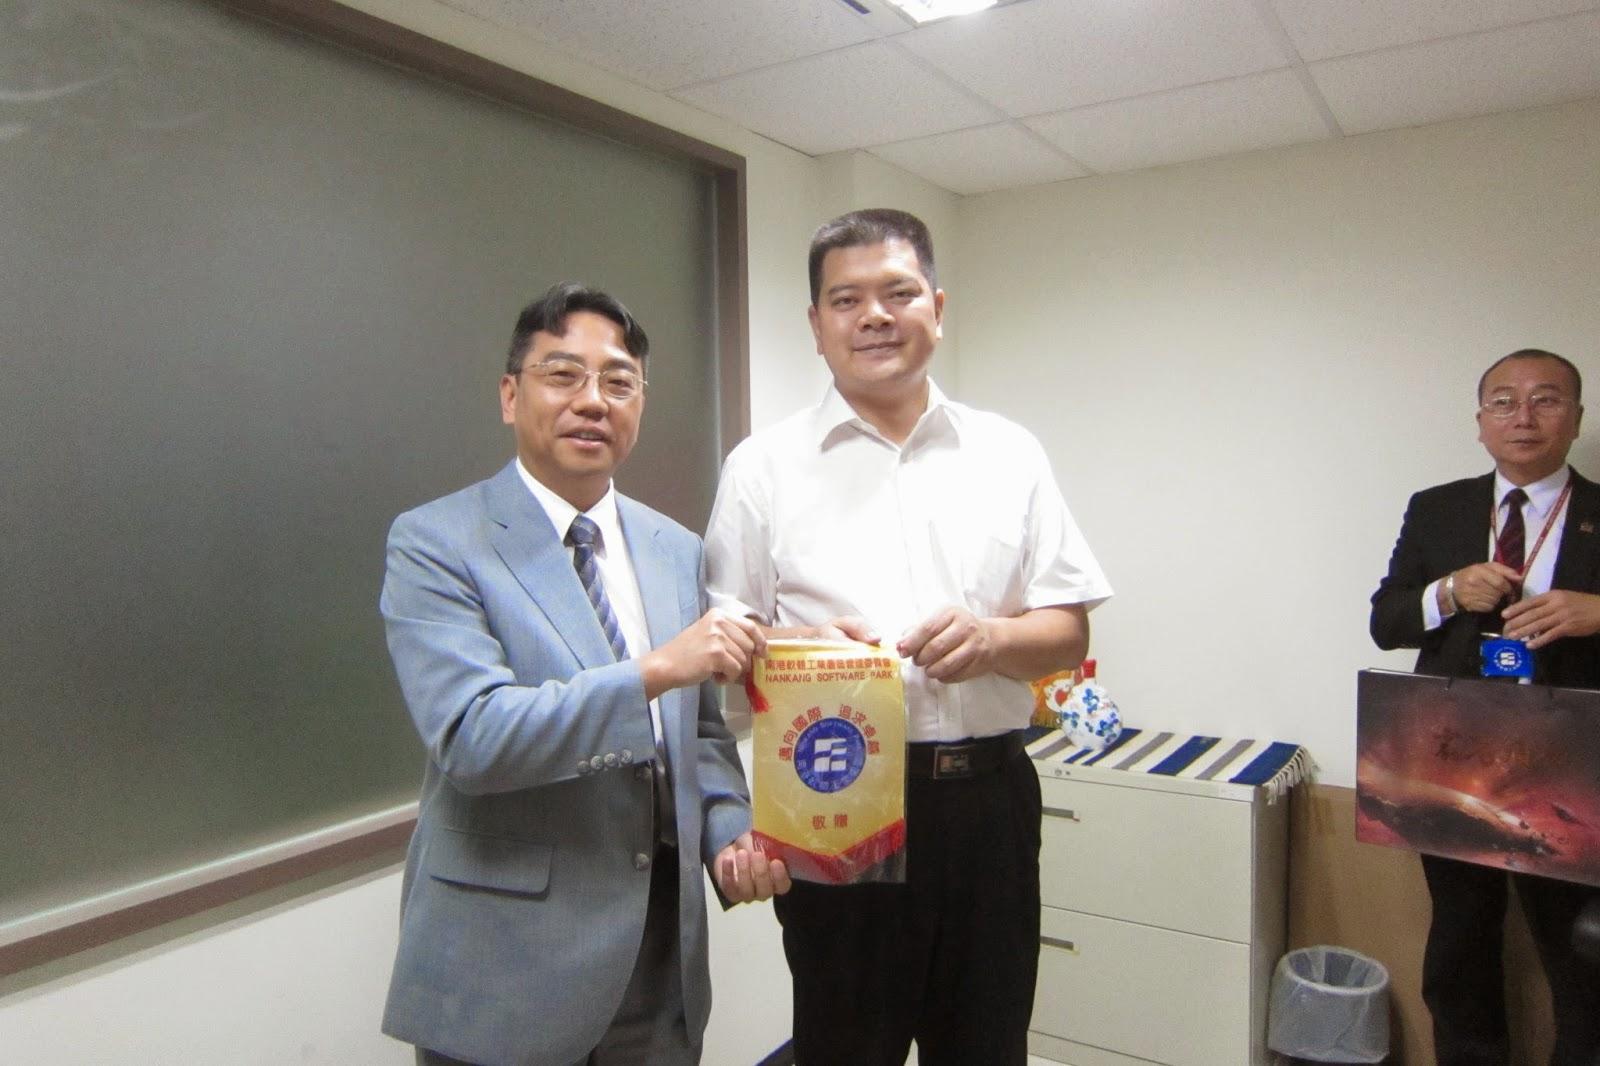 湖南生技醫材訪問團